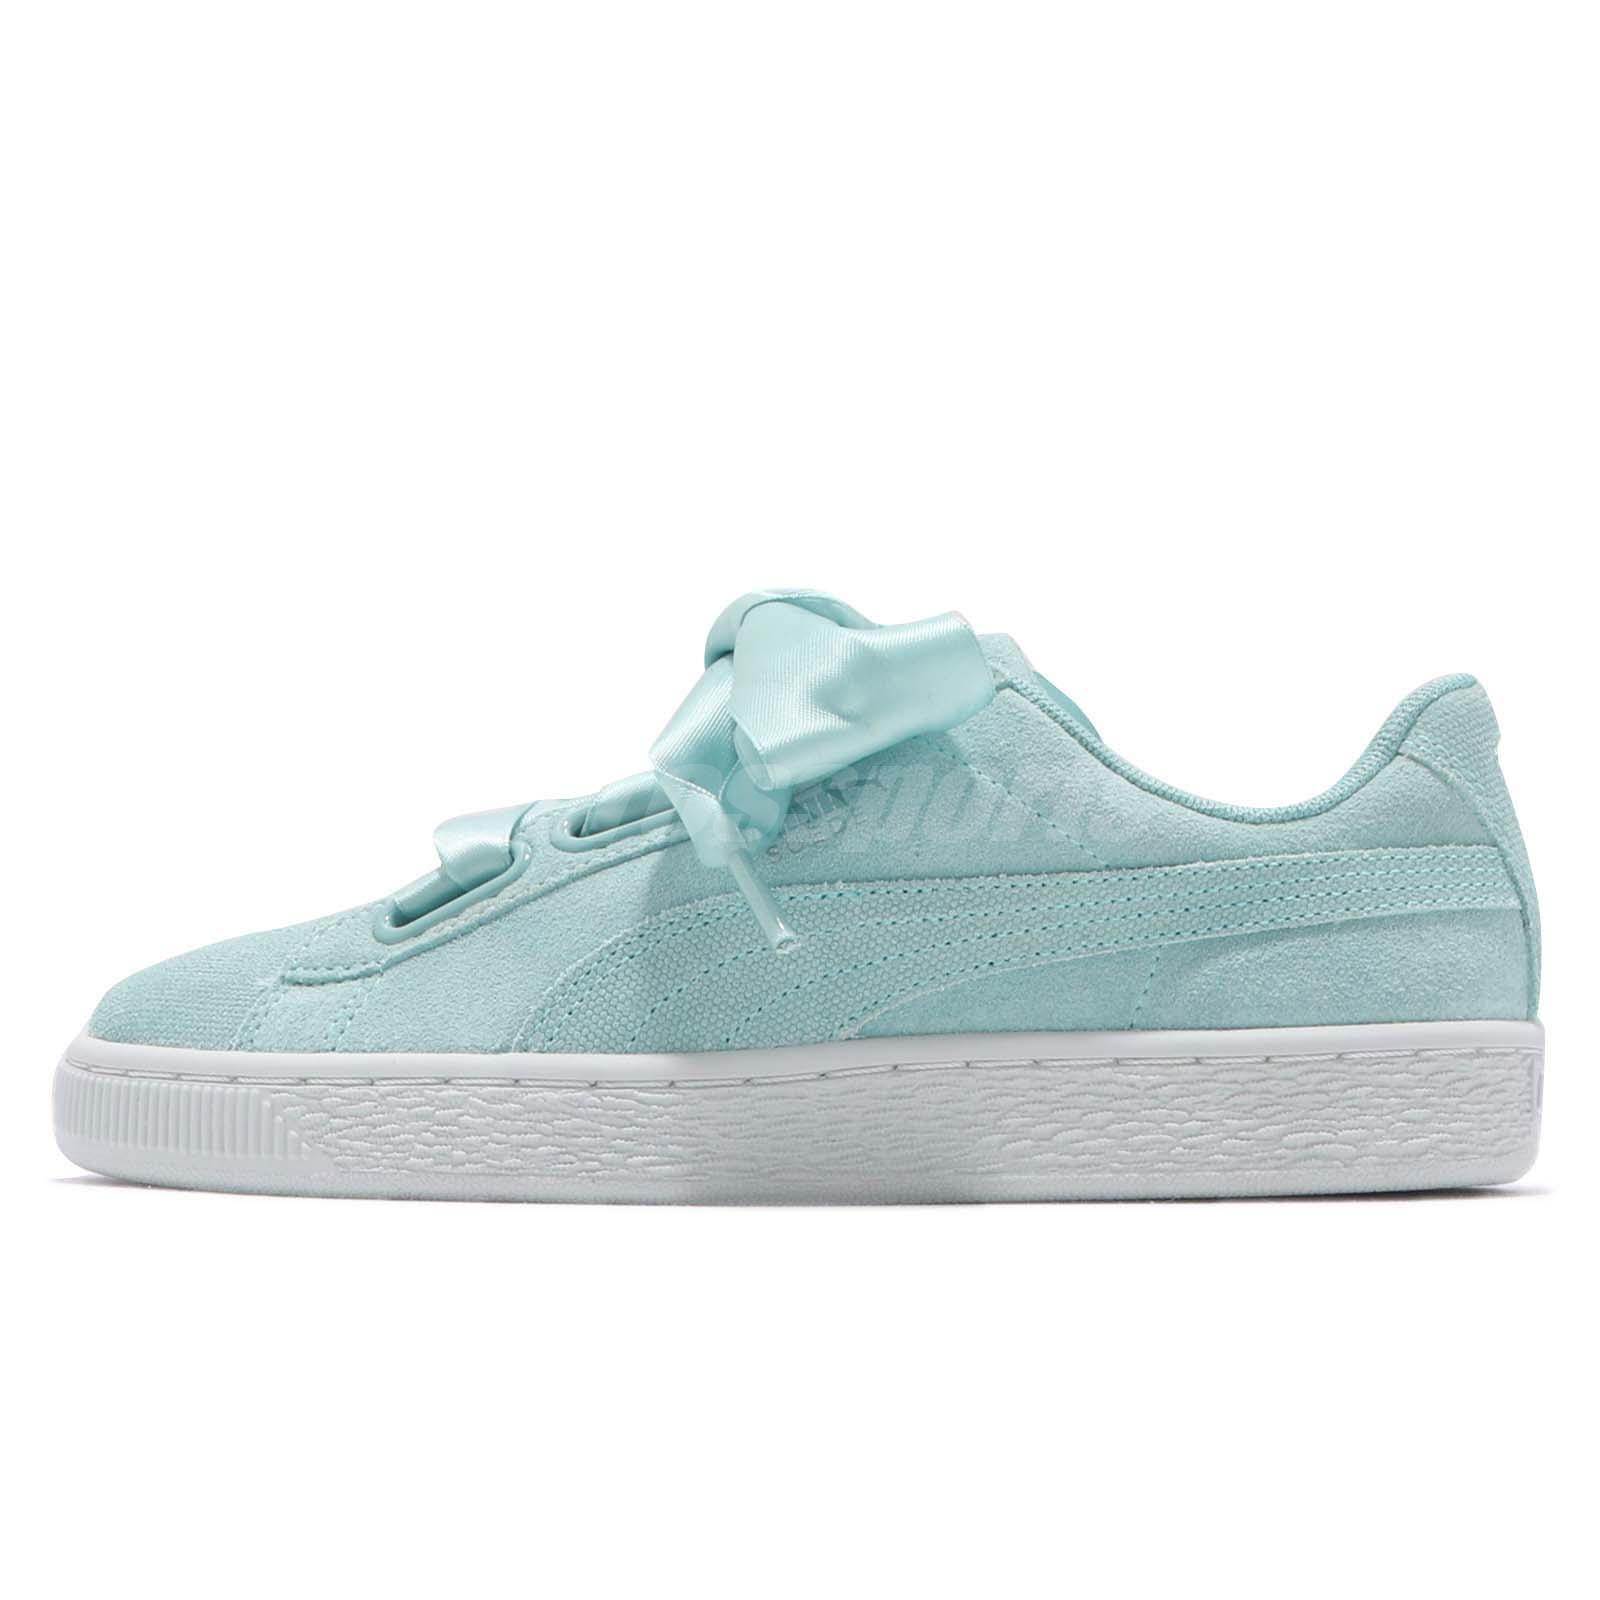 Women Blue Bow Suede Puma Shoes Aquifer Heart Flower Pebble Wns 8q6wq